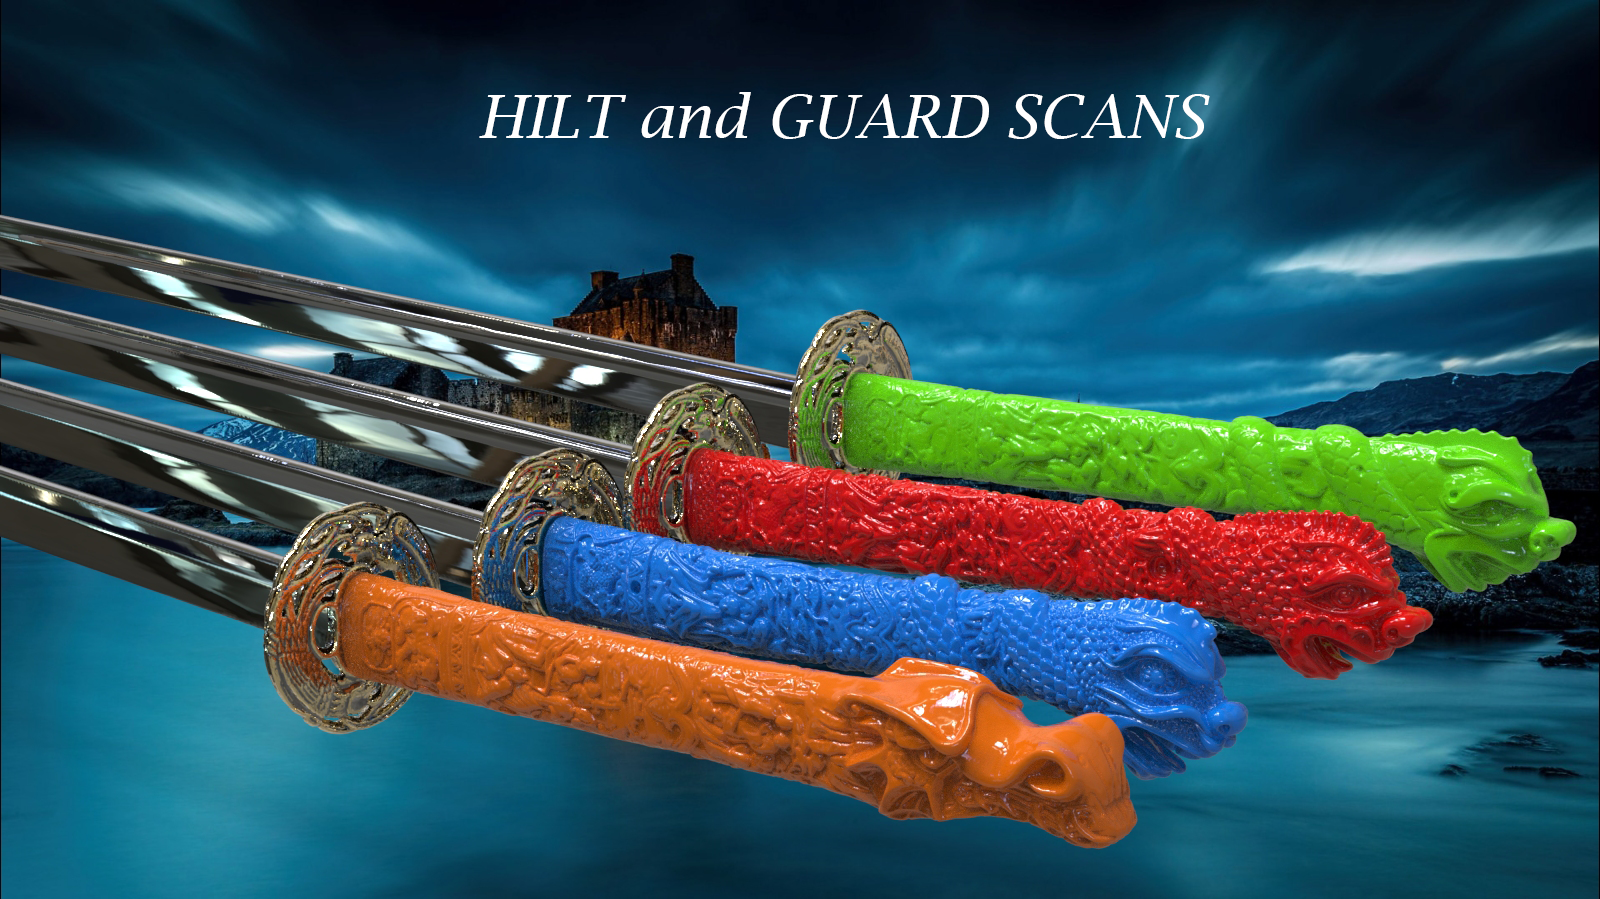 Sword hilts & guards